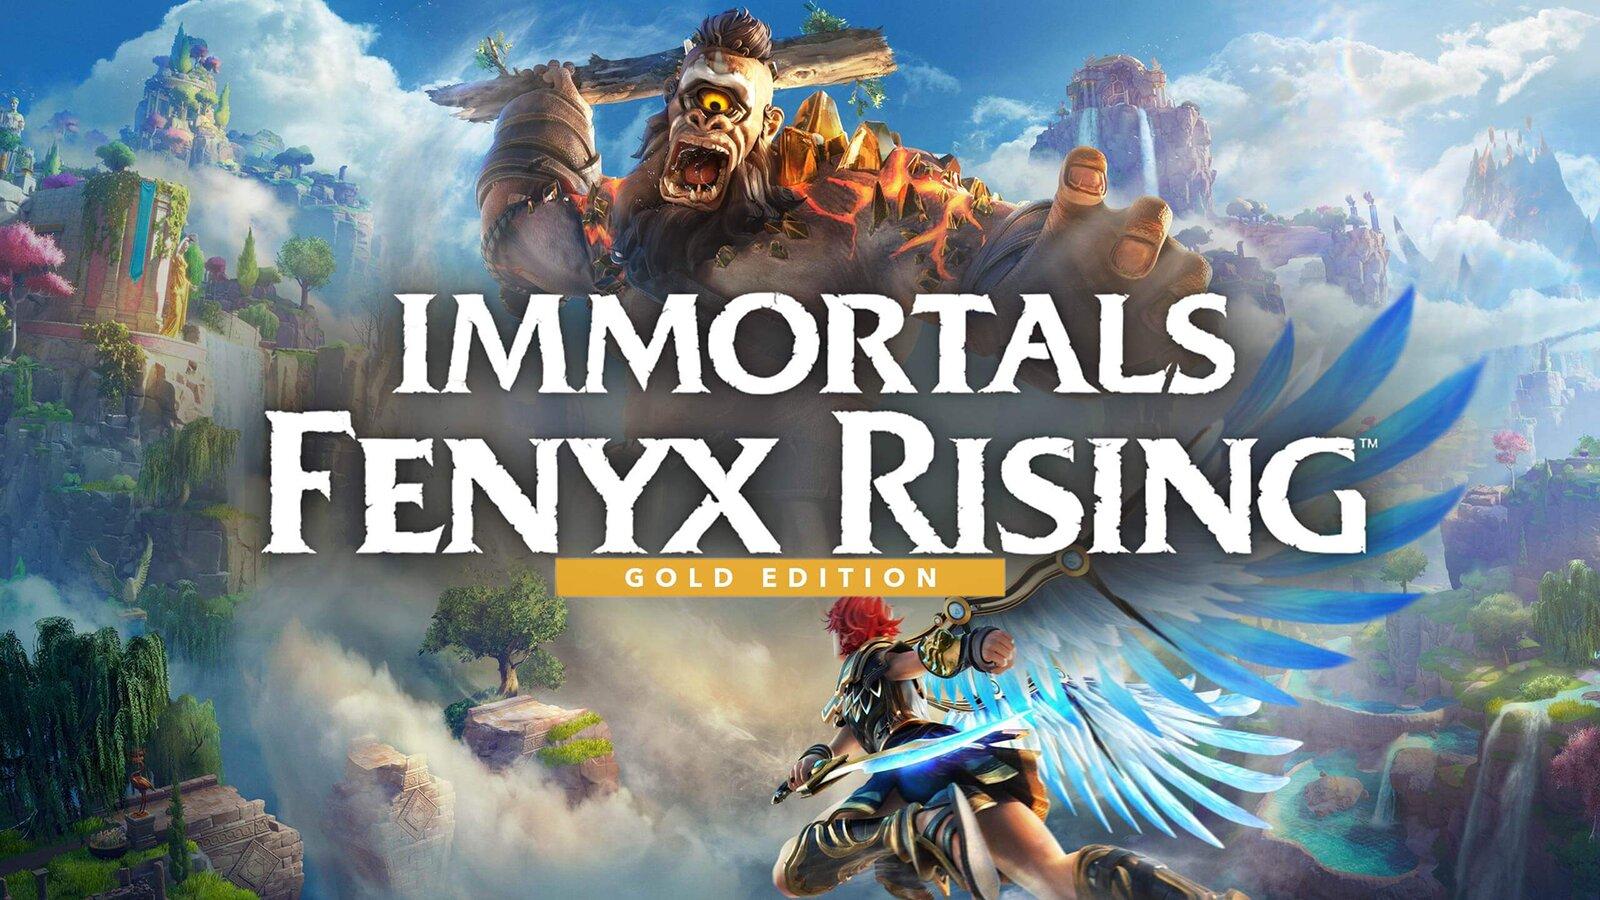 оффлайн активация Immortals Fenyx Rising Gold (v1.3)+ ВСЕ DLC The Lost Gods+denuvo АВТОАКТИВАЦИЯ (🌎GLOBAL) Скидка 40%!